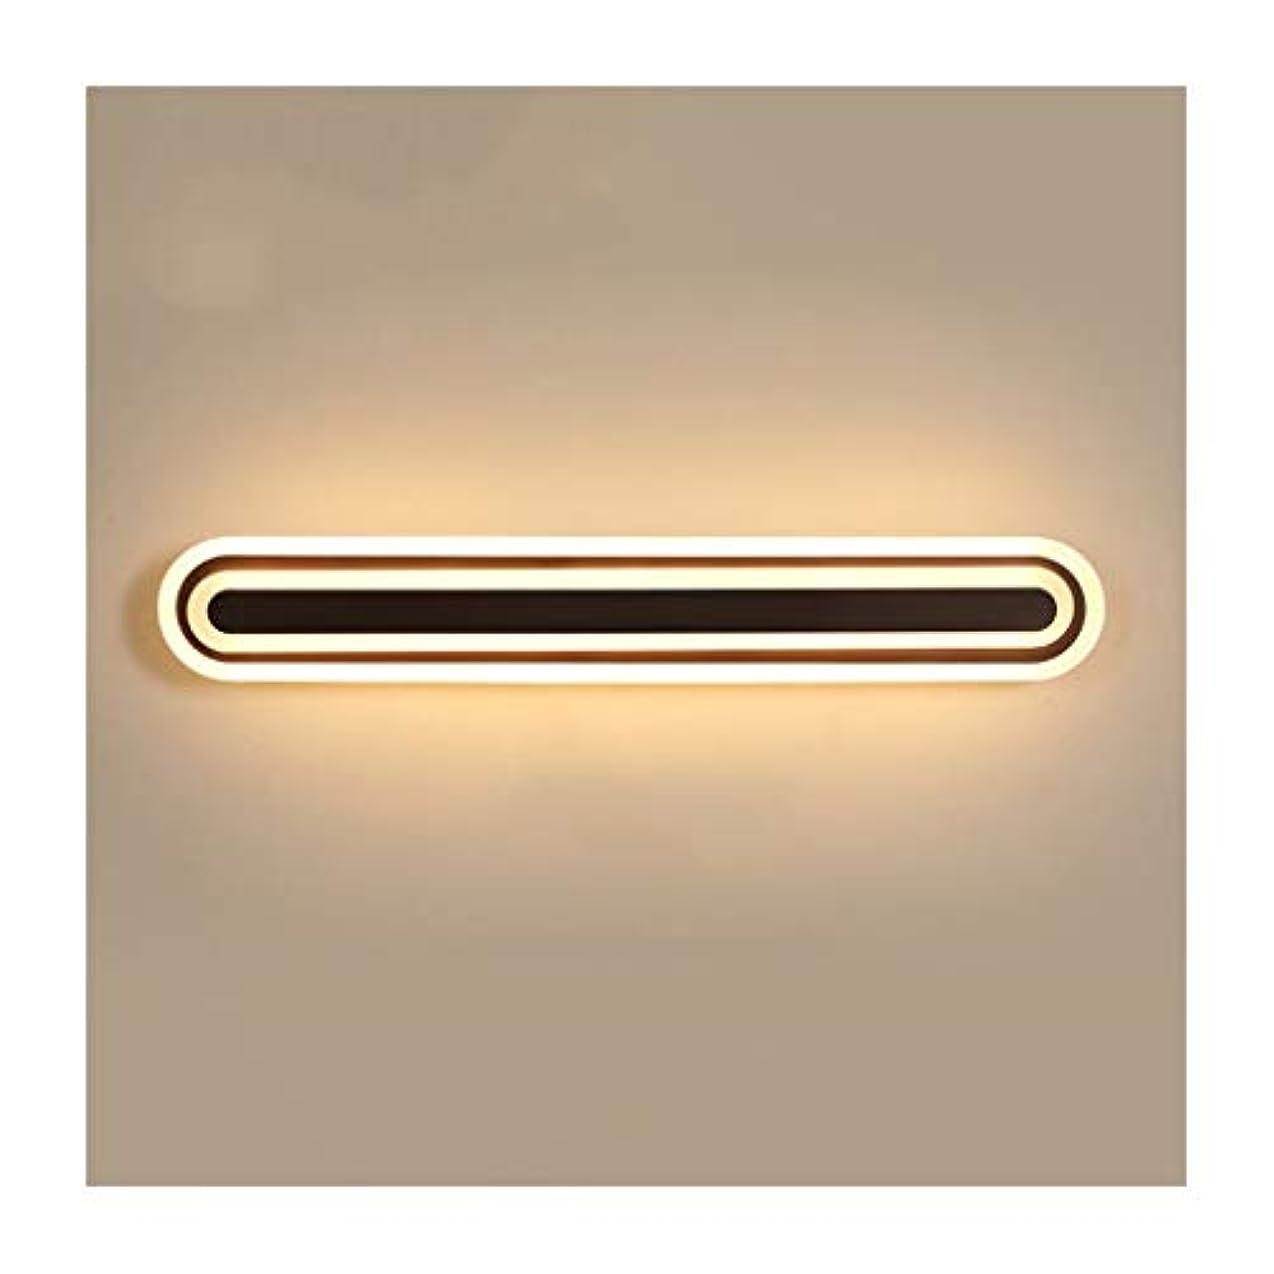 キャンプではごきげんよう応じる-光 Ledミラーヘッドライトホテルウォールランプ浴室防曇水ミラーキャビネットランプ化粧ランプベッドサイドランプ メイクアップライト (Color : Warm light, Size : 100cm)